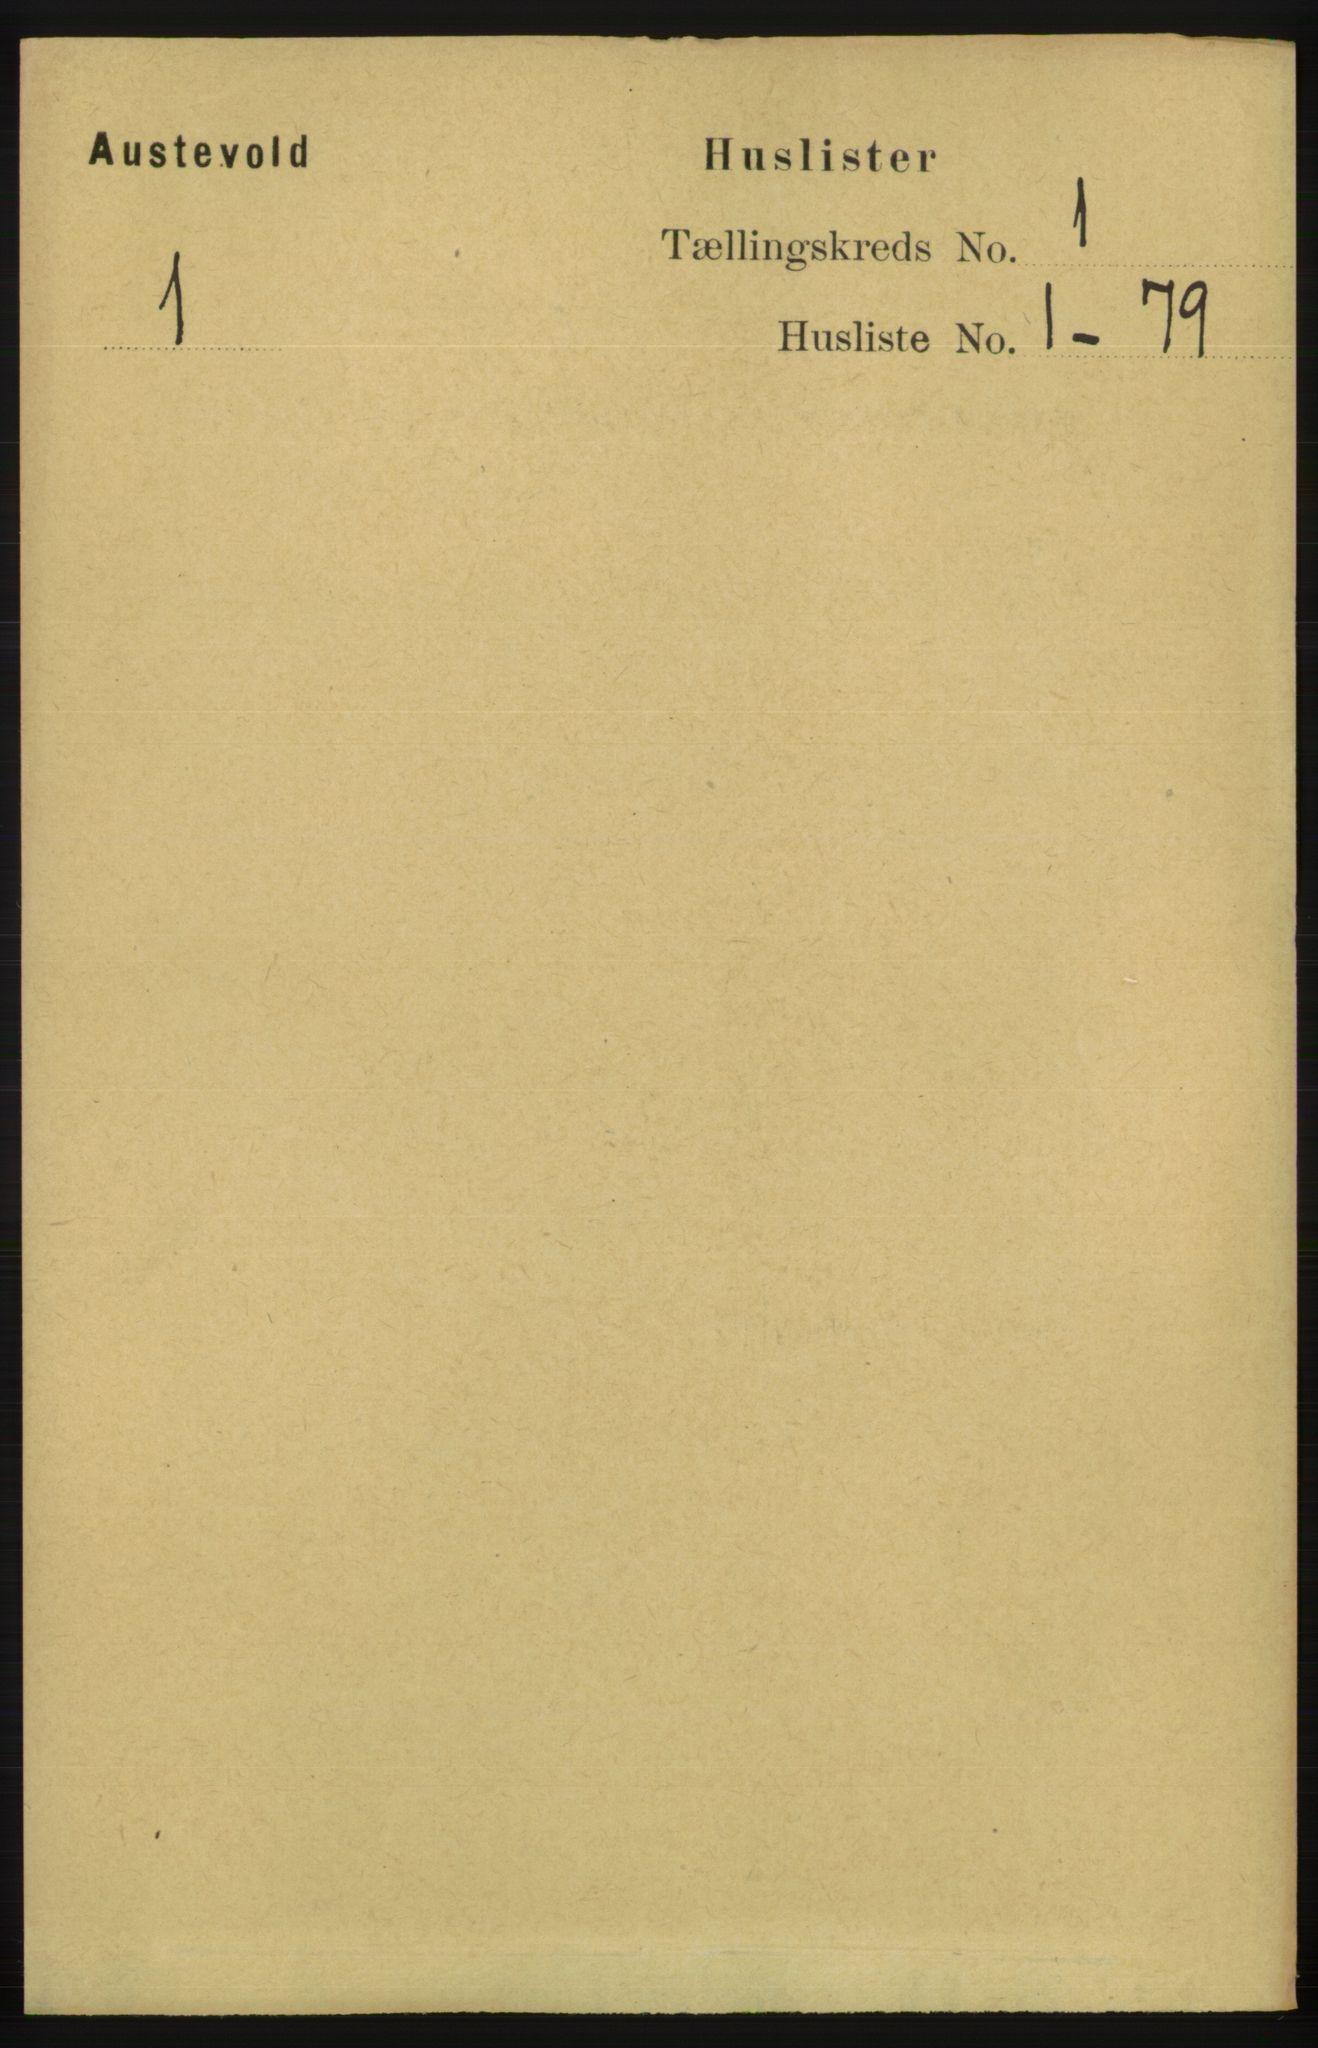 RA, Folketelling 1891 for 1244 Austevoll herred, 1891, s. 17